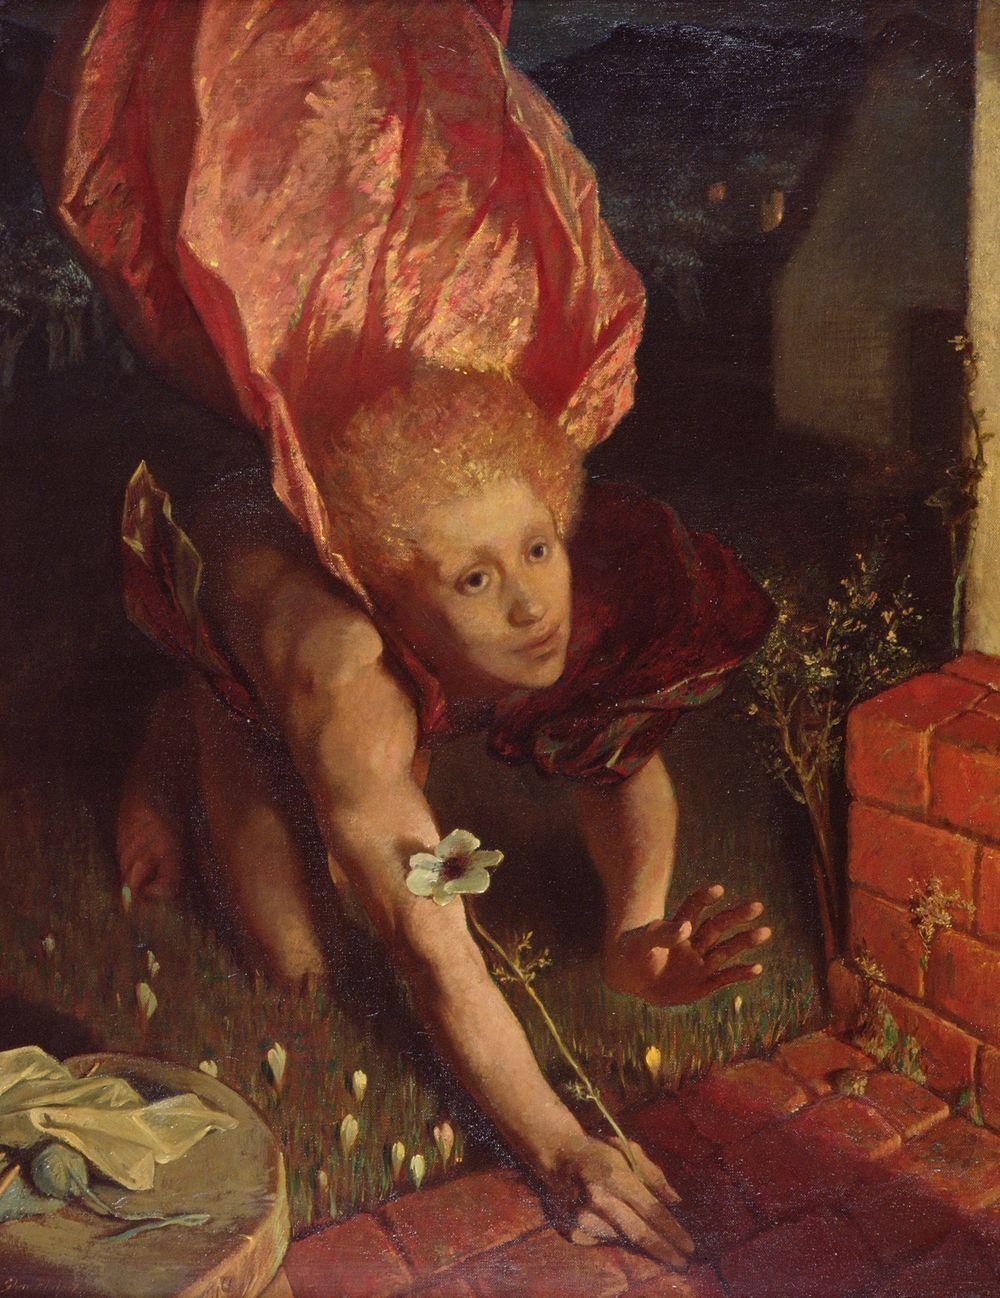 «Божественная красота: от Ван Гога до Шагала и Фонтаны»  в Палаццо Строцци